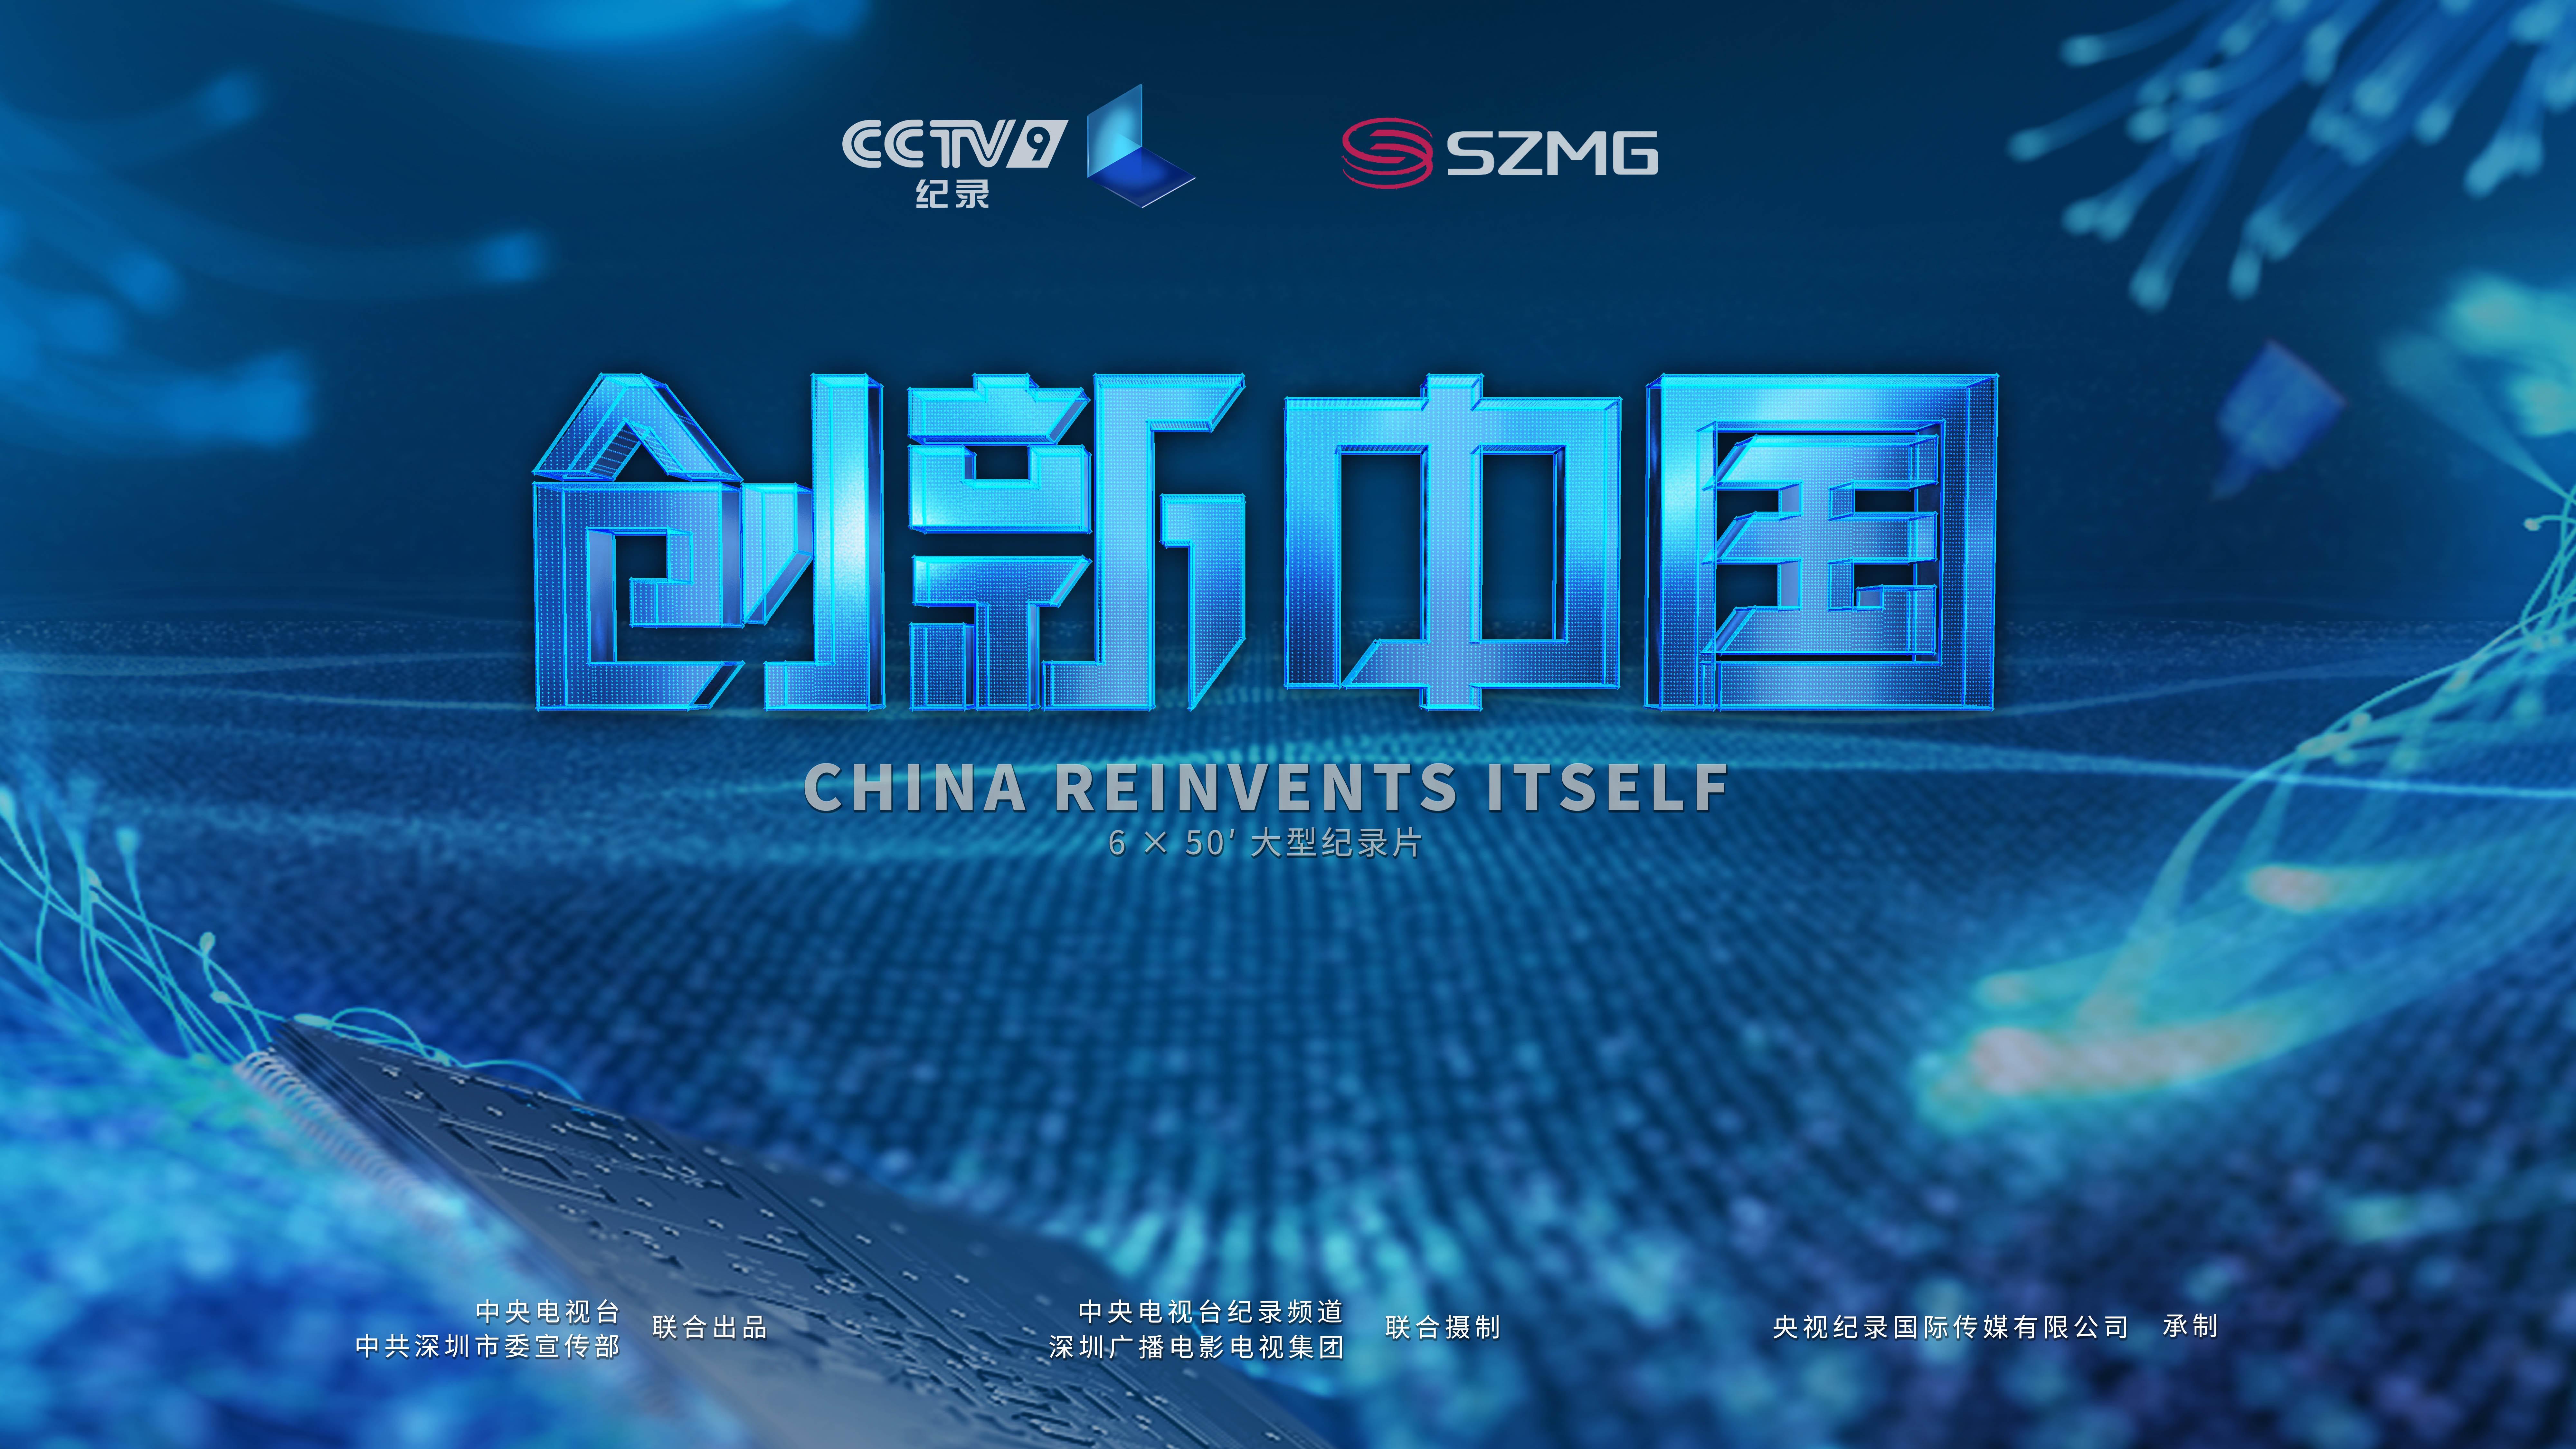 全部版本 最新版本  《创新中国》是一部讲述中国最新科技成就和创新